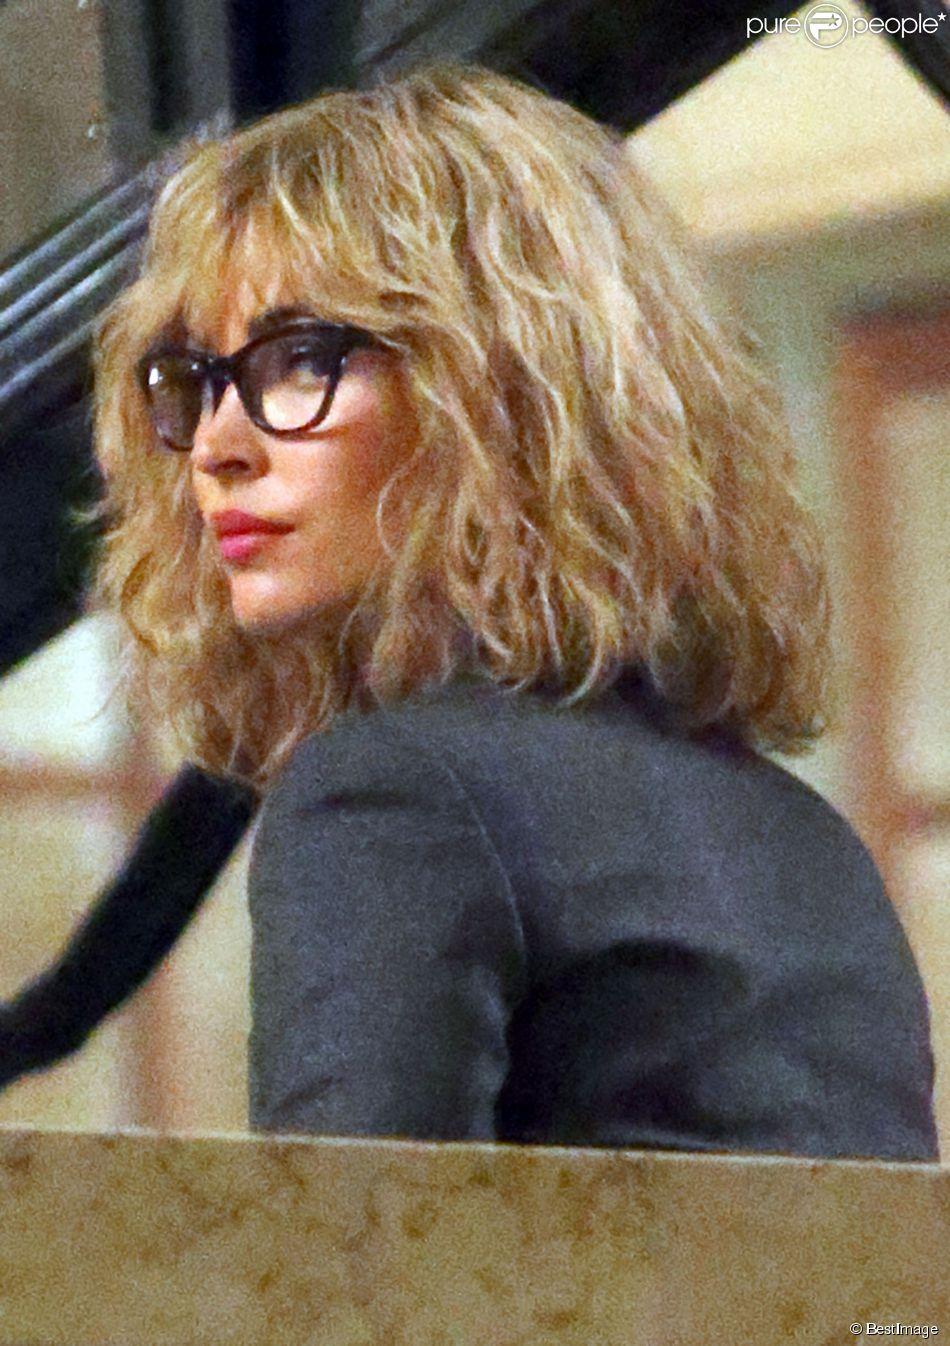 """Megan Fox, méconnaissable en blonde et avec des lunettes, sur le tournage de """"Teenage Mutant Ninja Turtles 2"""" à New York, le 28 avril 2015. Megan Fox porte probablement une perruque."""